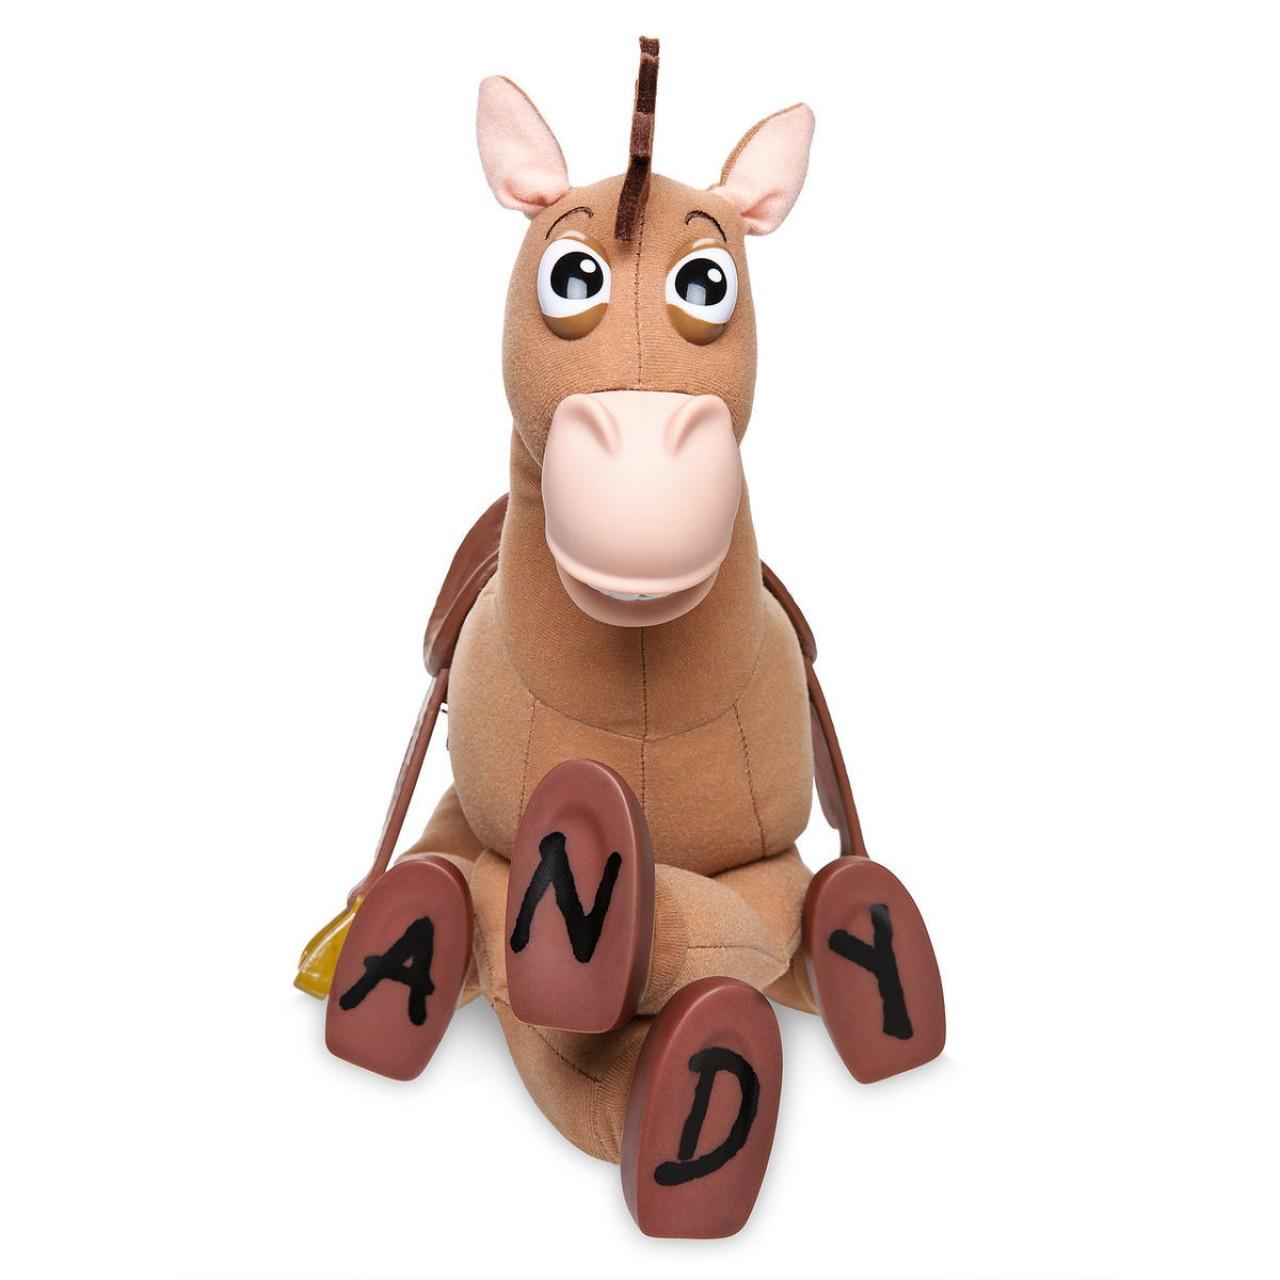 """Интерактивная мягкая Игрушка Булзай """"История Игрушек"""" Bullseye Toy Story"""